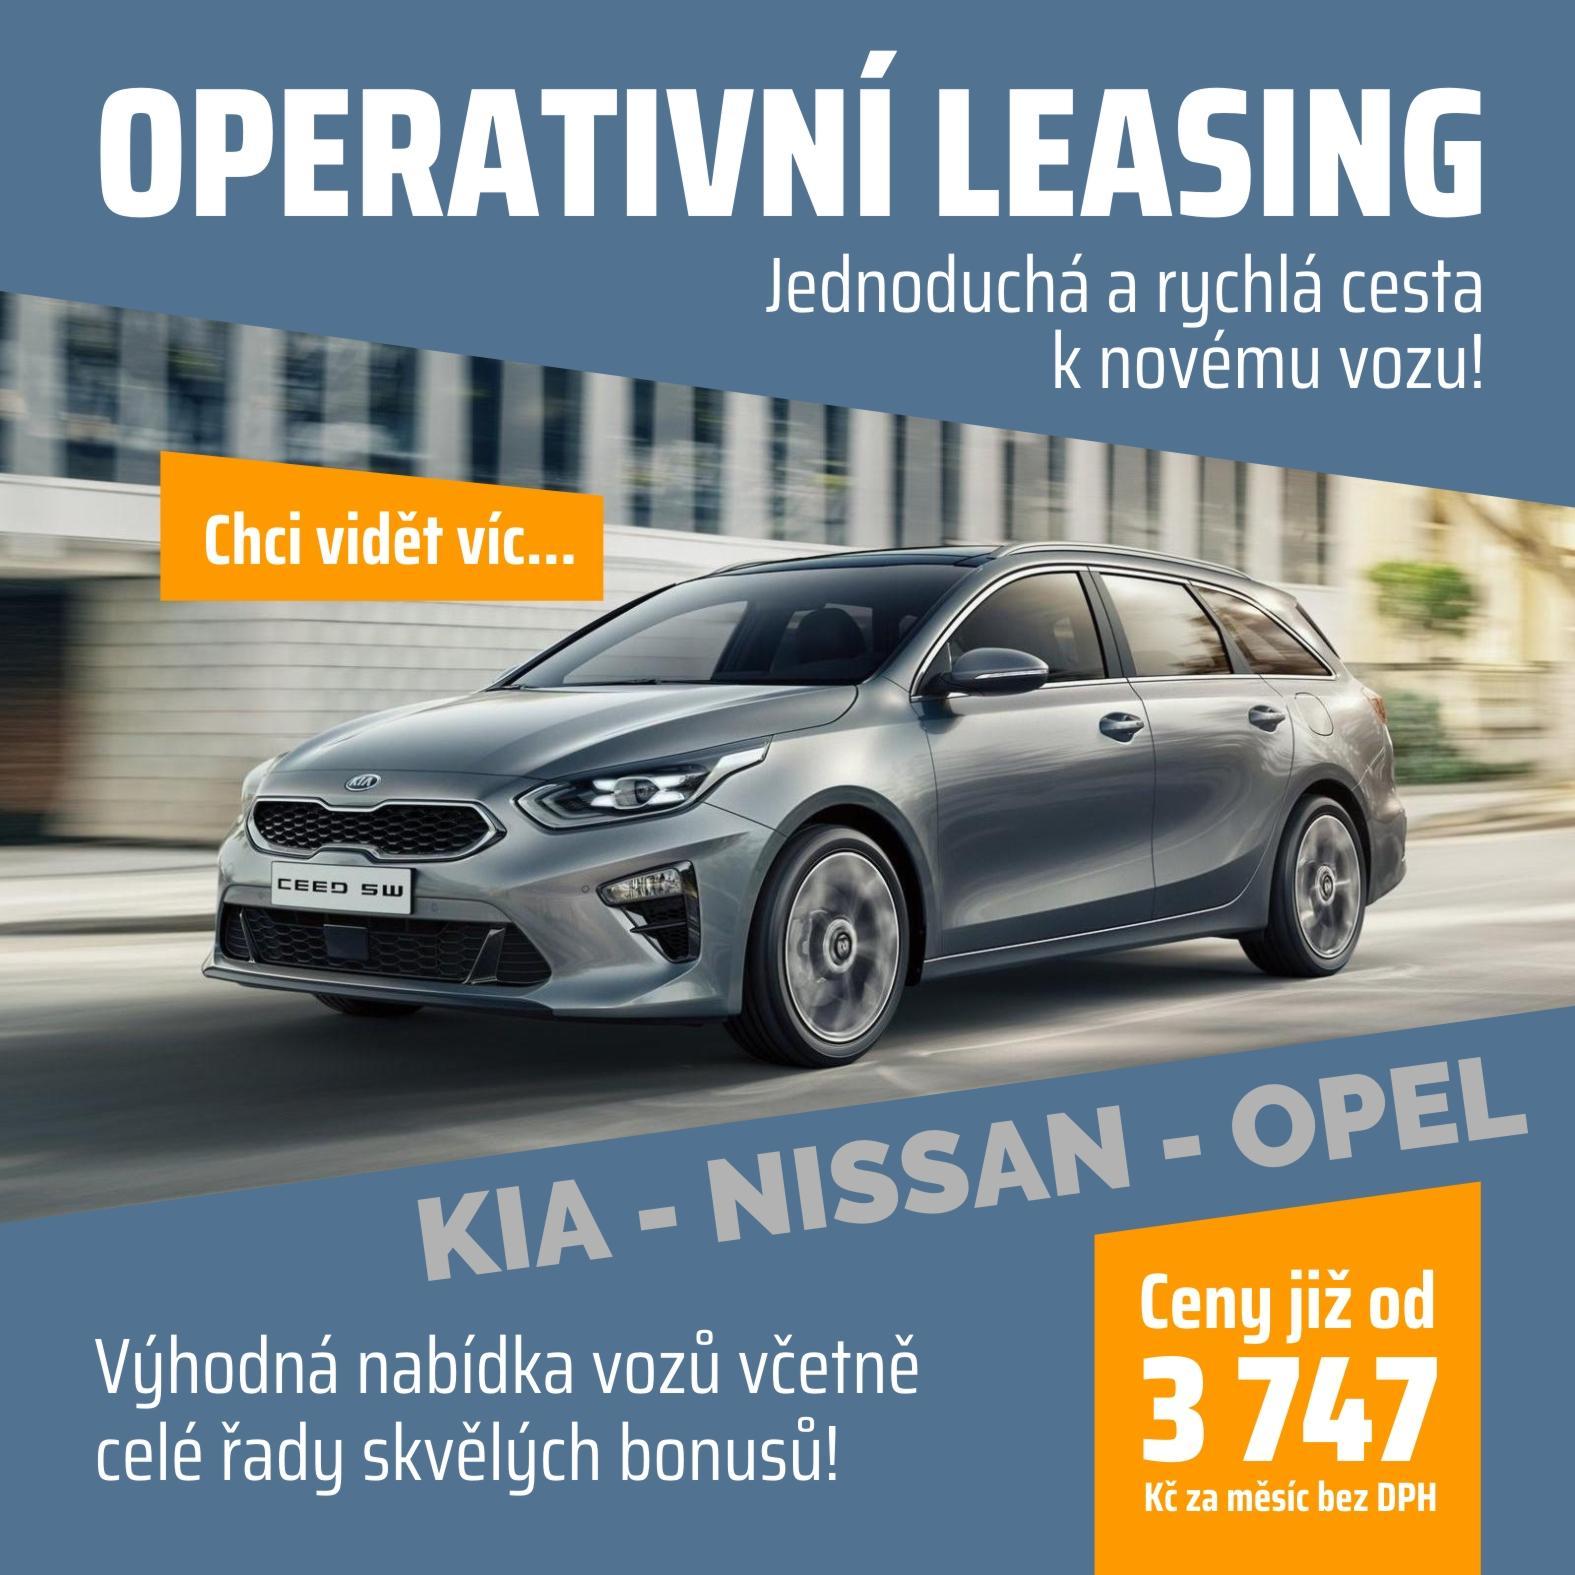 Operativní leasing od 3747,- Kč